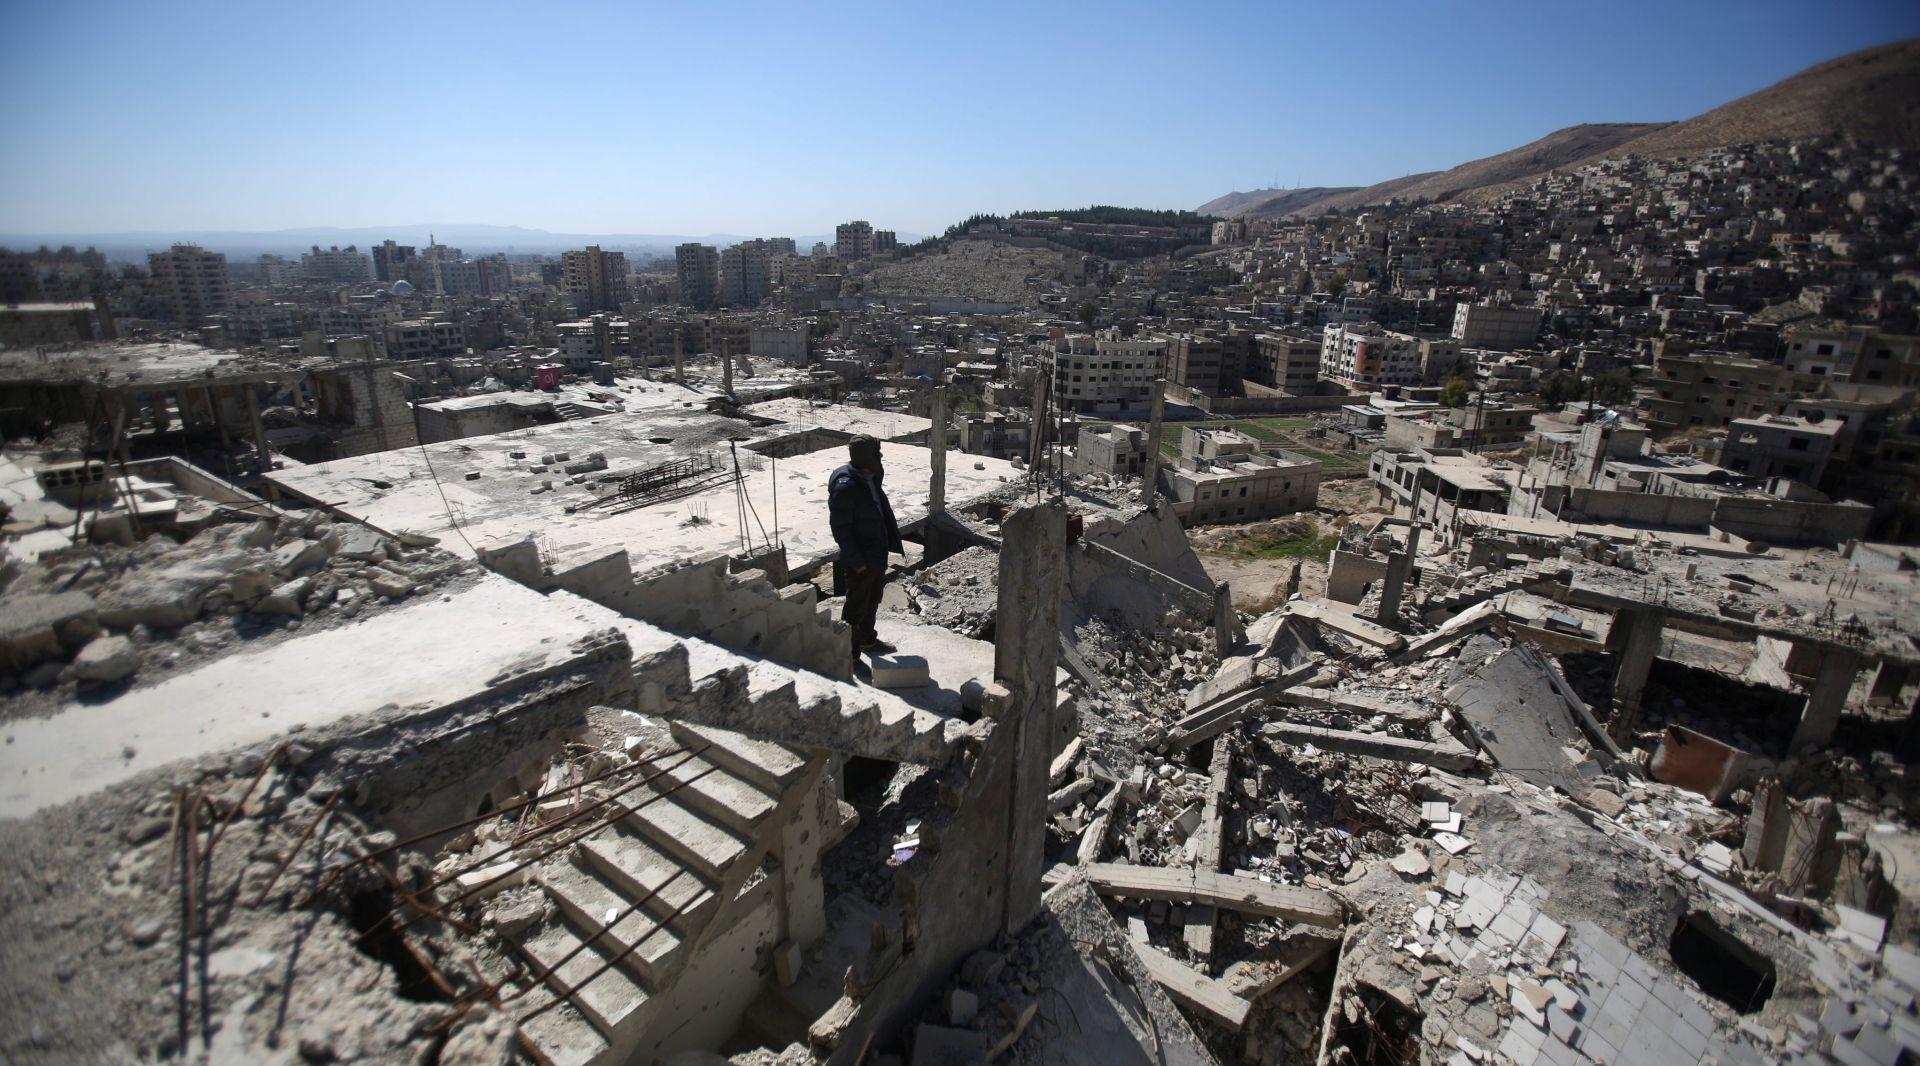 ZRAČNI UDARI: U Siriji poginulo 20 džihadista IS-a u udarima ruske i sirijske vojske